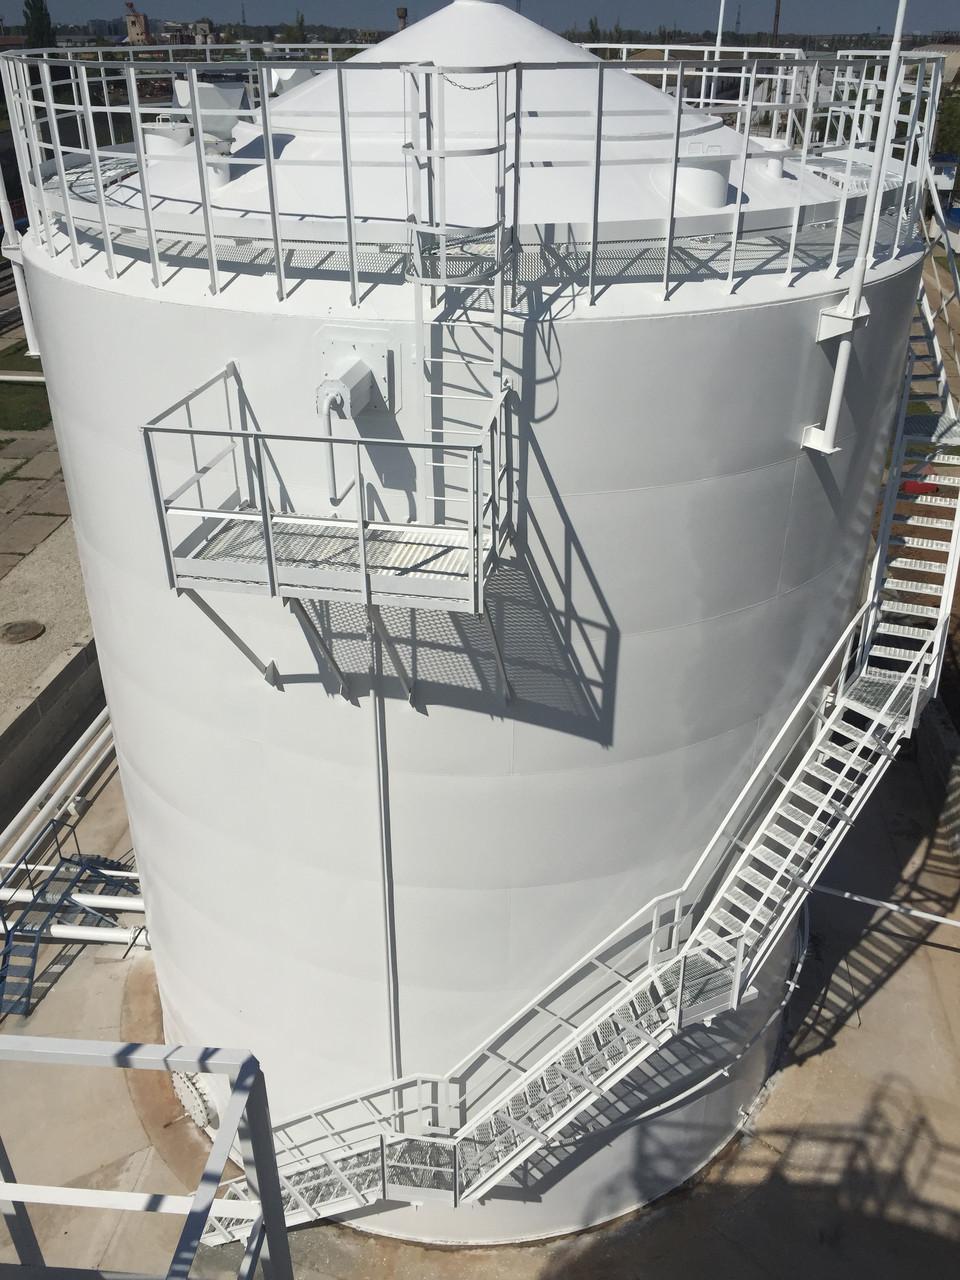 Изготовление и монтаж резервуаров РВС-1000 с конусообразной крышей